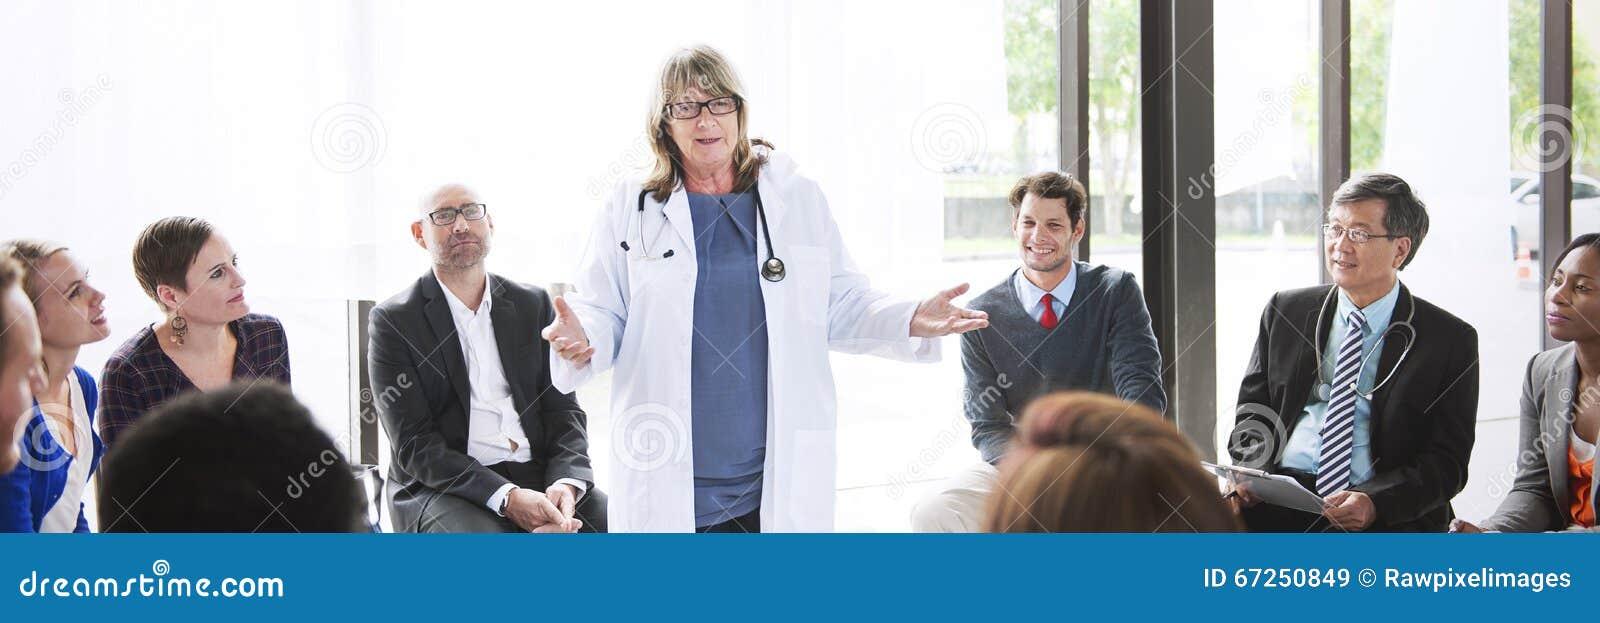 Concepto de la atención sanitaria del doctor Meeting Teamwork Diagnosis